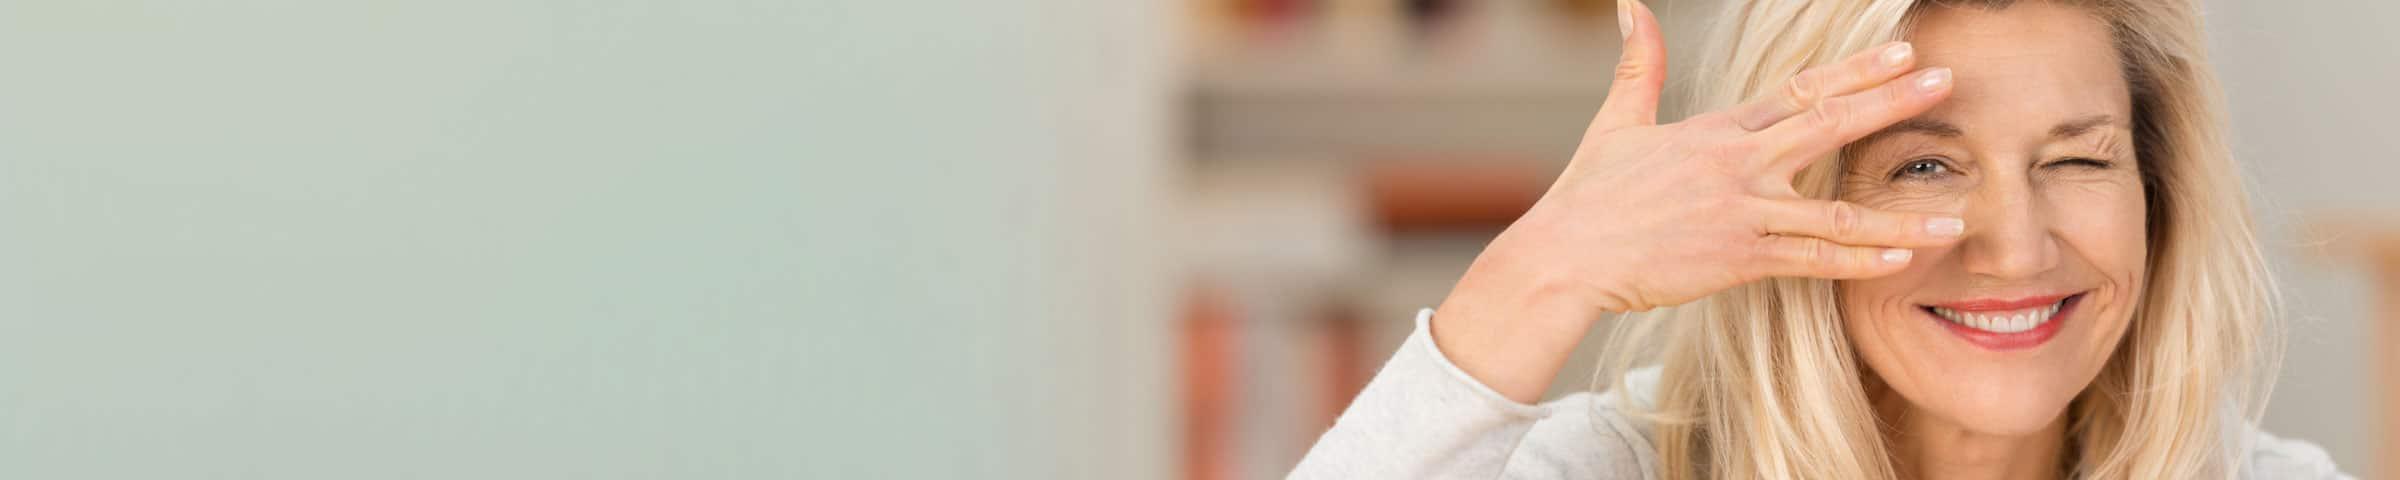 Unsere Aktionen& AngeboteHörgeräte Akustiker Brillen Optiker Peine